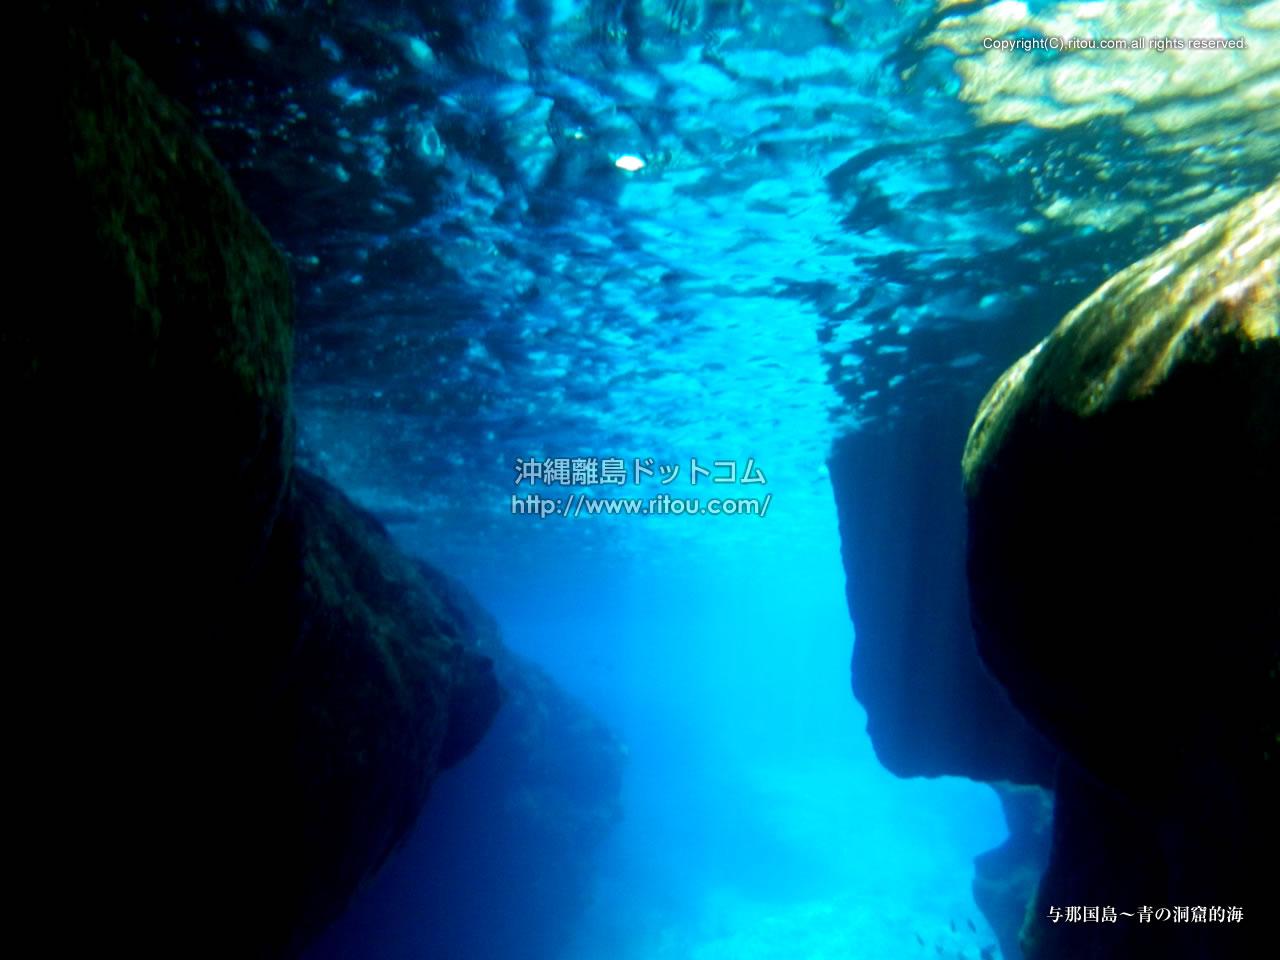 与那国島〜青の洞窟的海